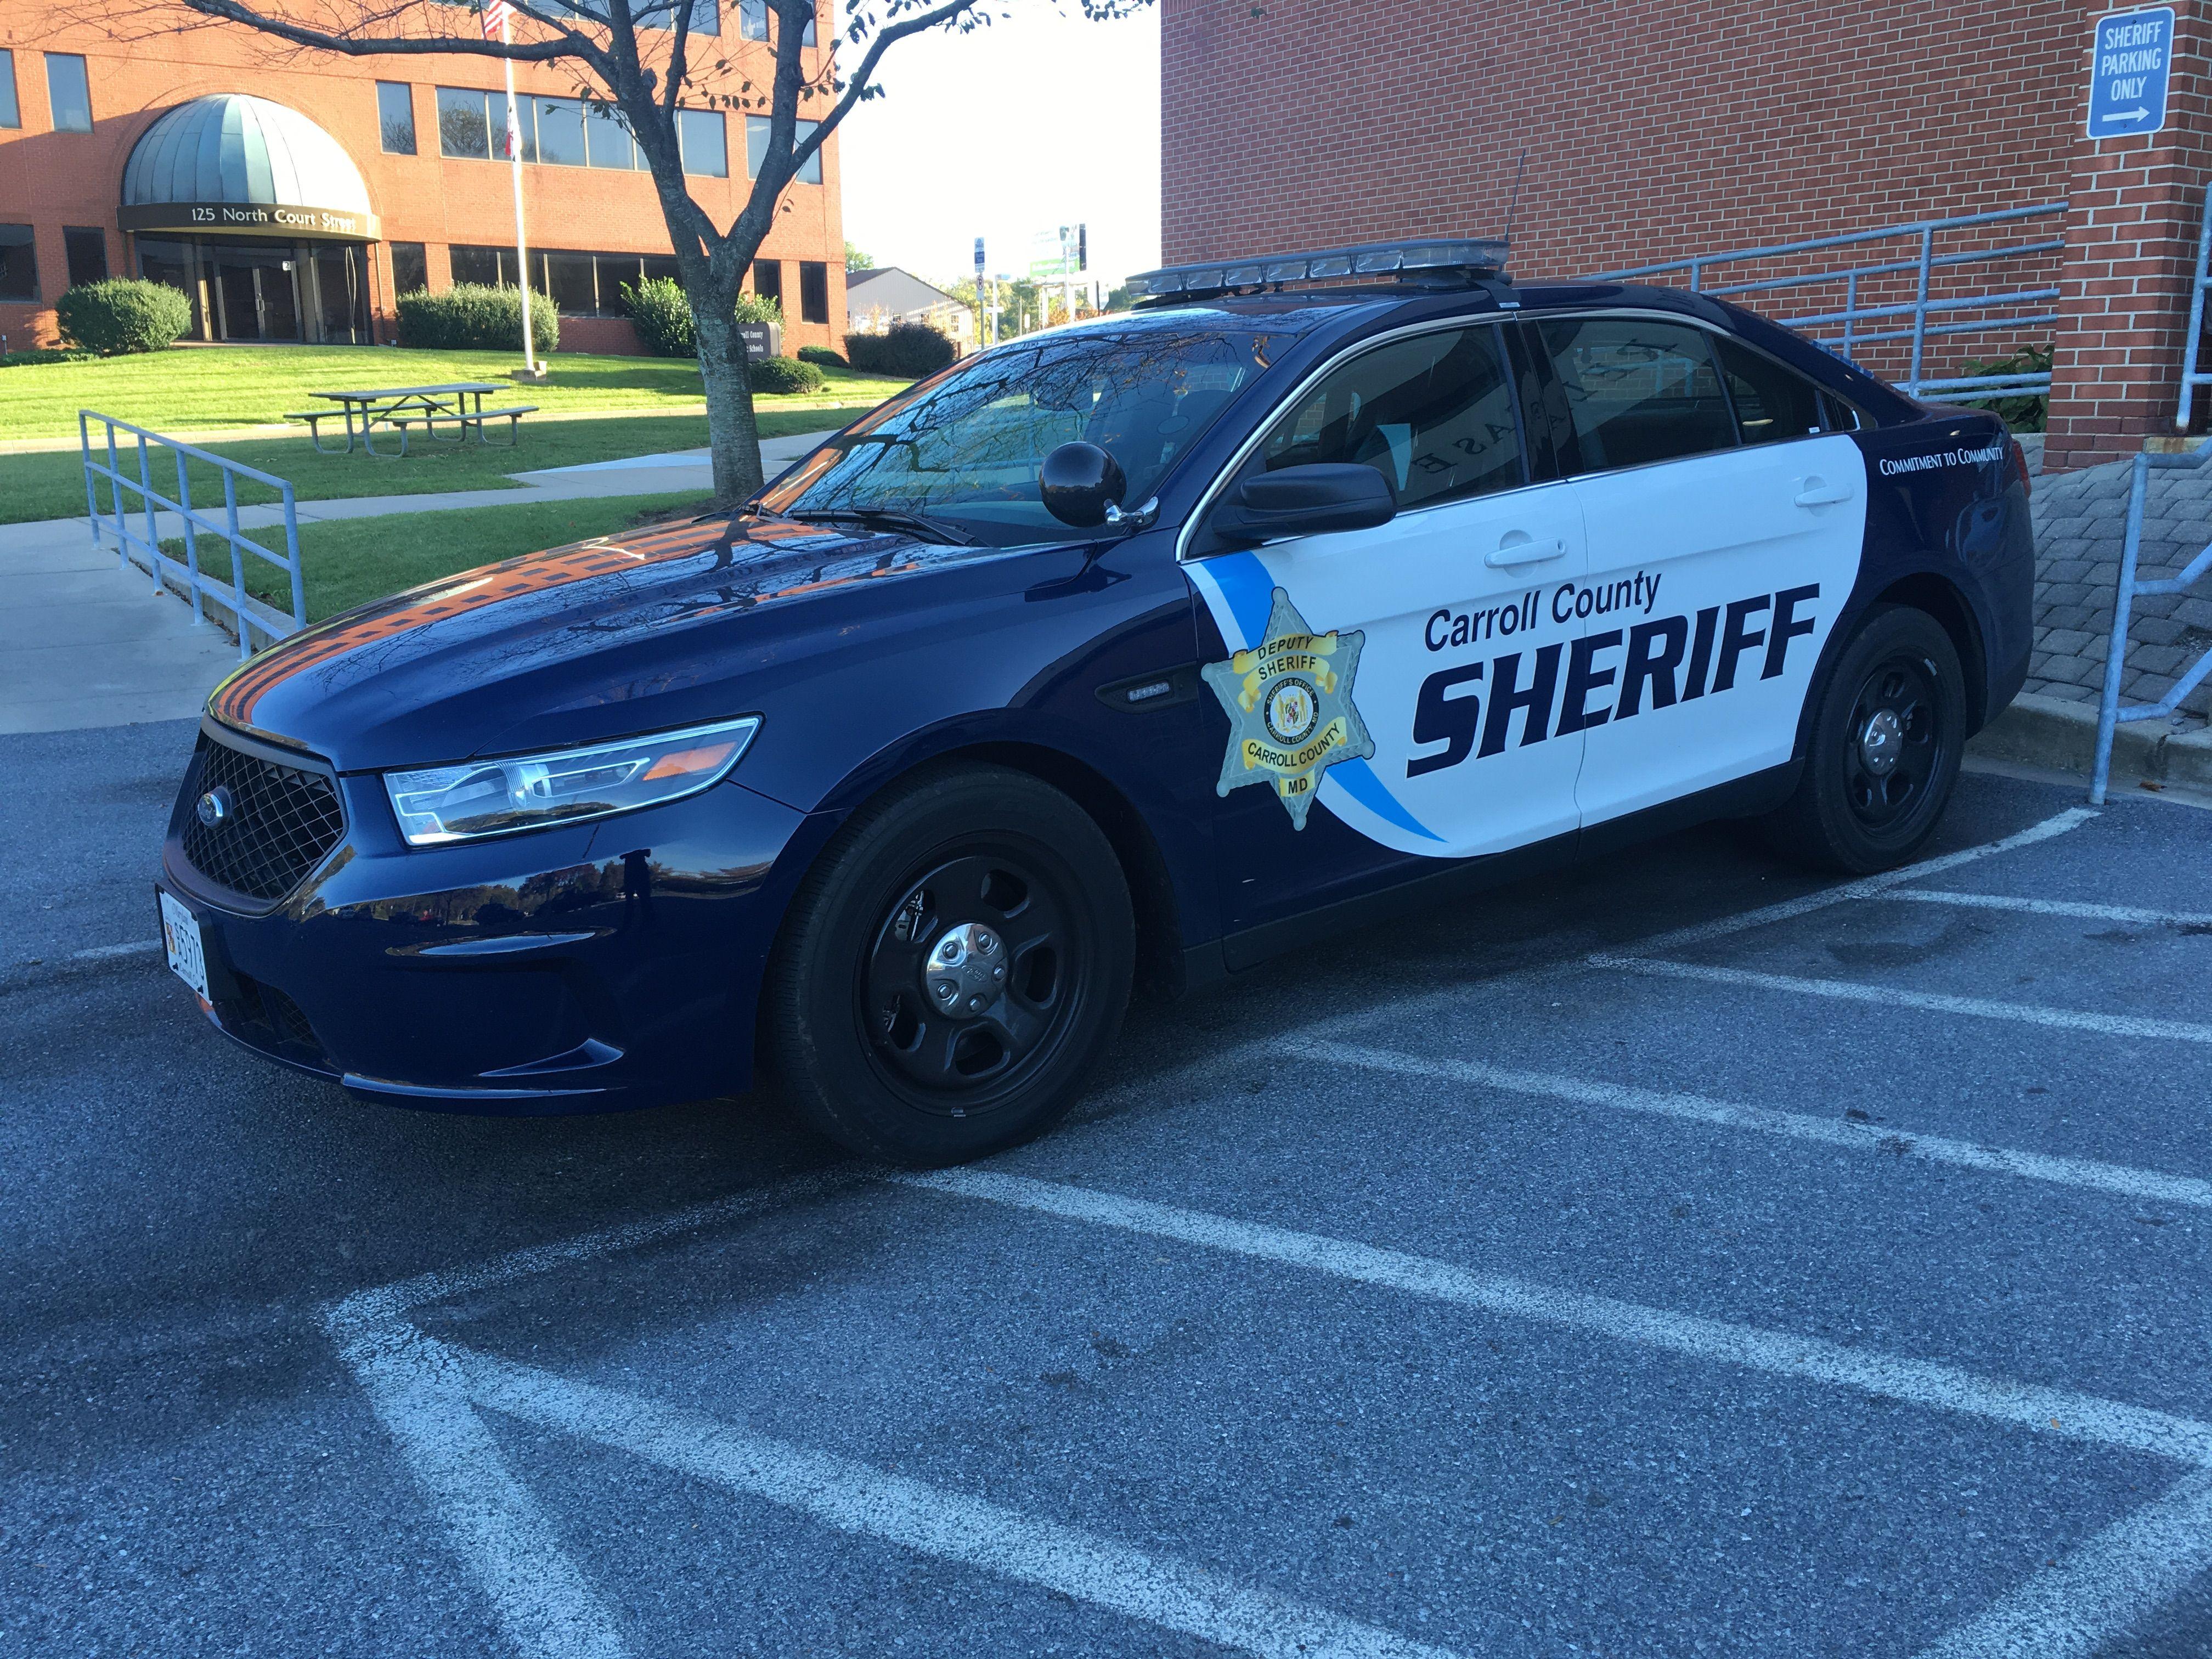 Carroll county sheriff maryland new ford taurus | Attila